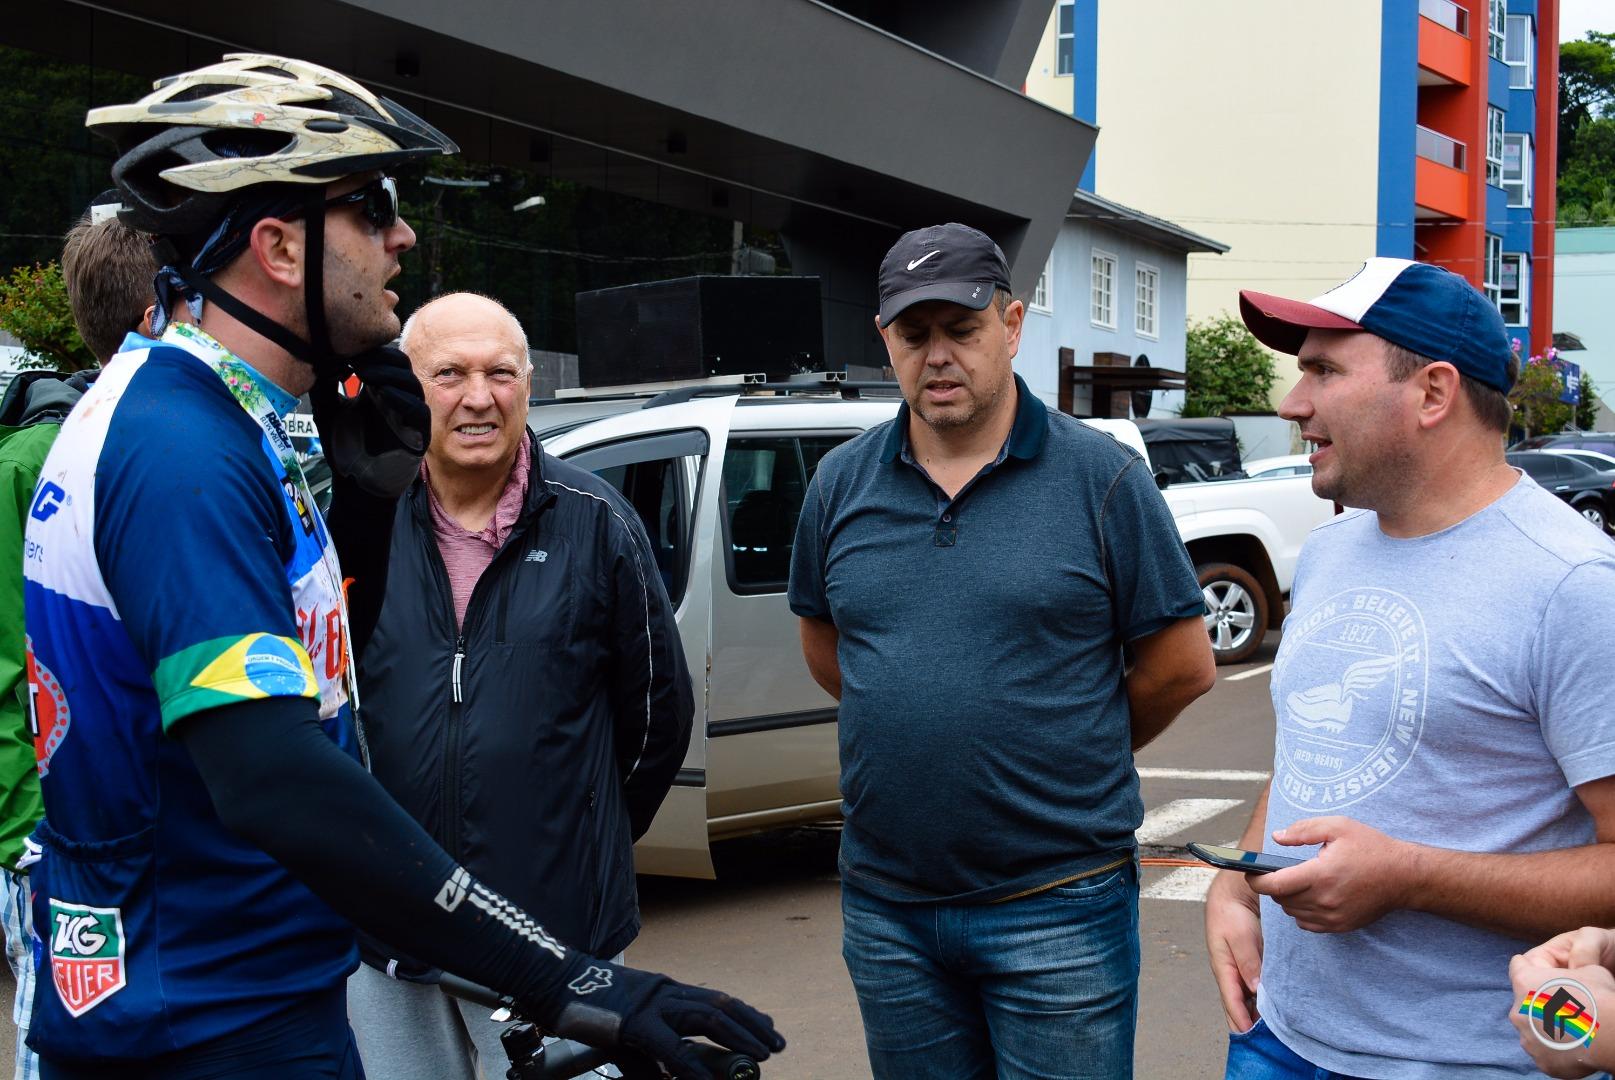 São Miguel sedia chegada da Corrida internacional de mountain bike